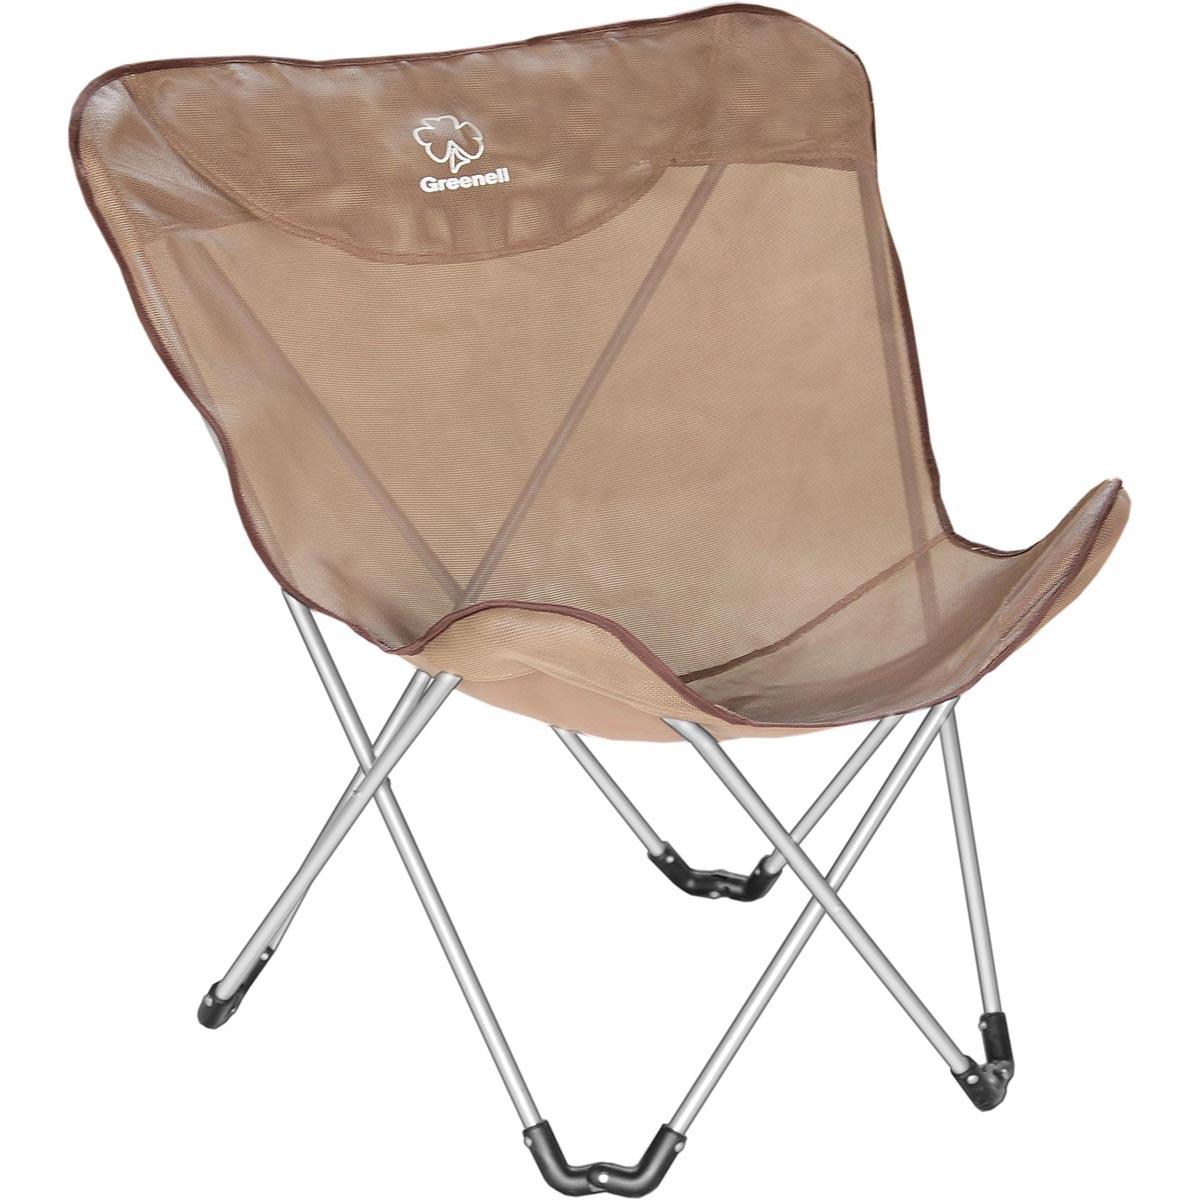 Кресло складное Greenell Баттерфляй FC-14, цвет: коричневый, 120 кг кресло – коляска amrus для инвалидов amrw18p el p